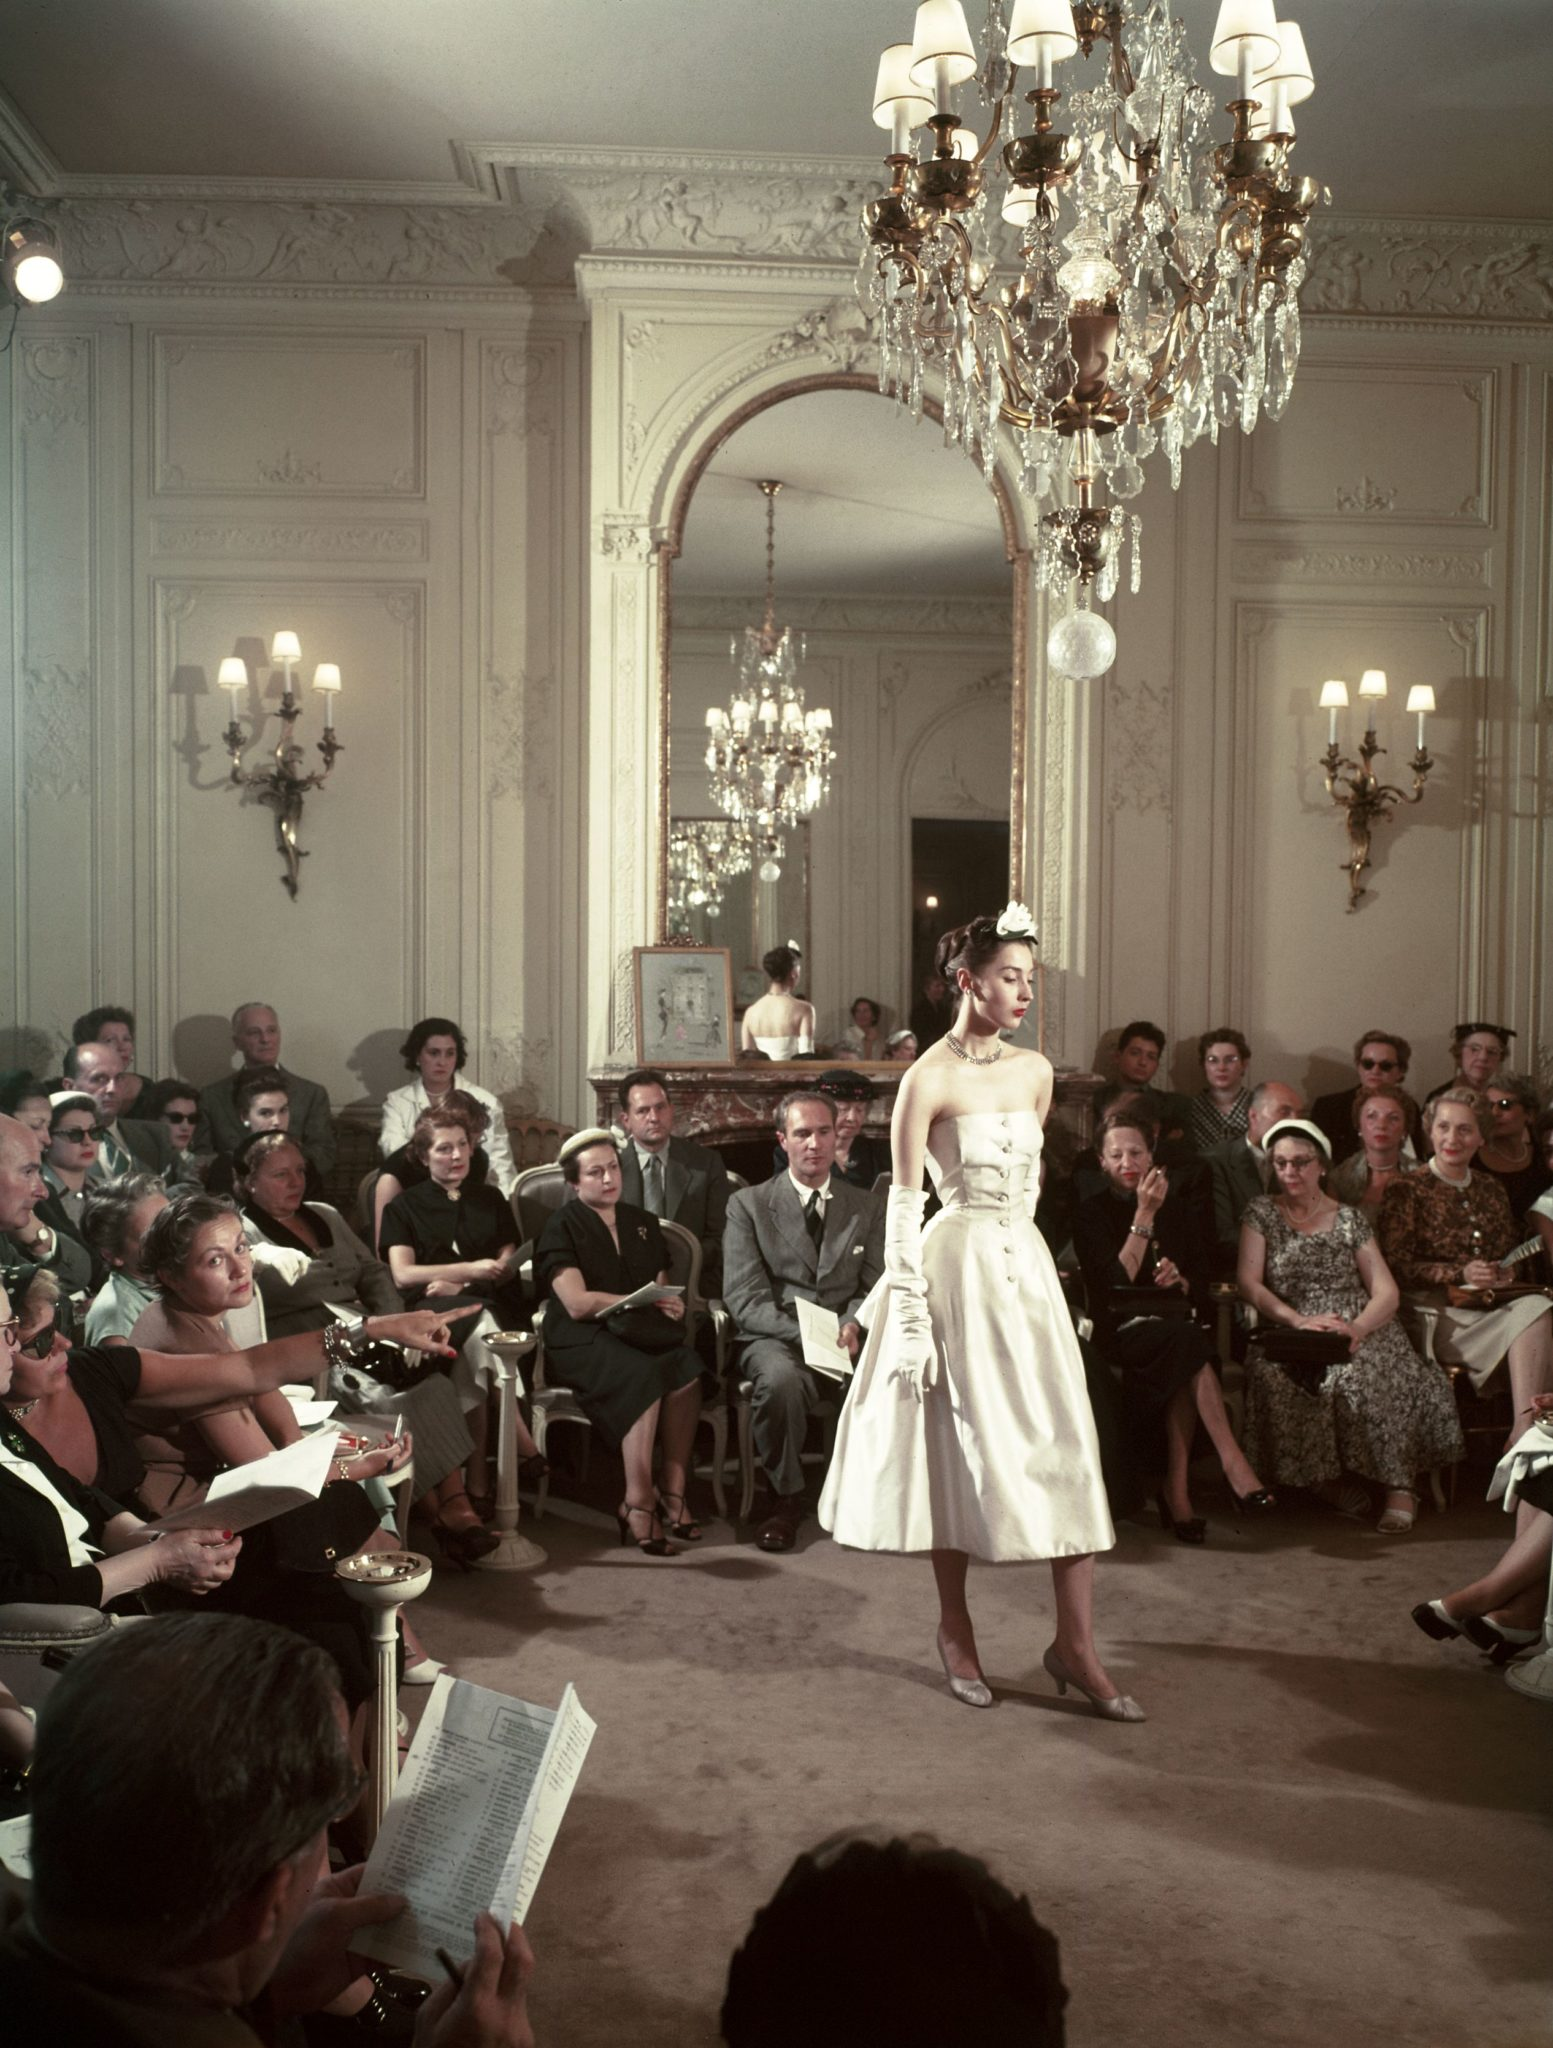 Défilé Christian Dior,Mannequin portant un modèle Dior 'New Look' lors du défilé de mode Christian Dior à Paris, en France, circa 1950.